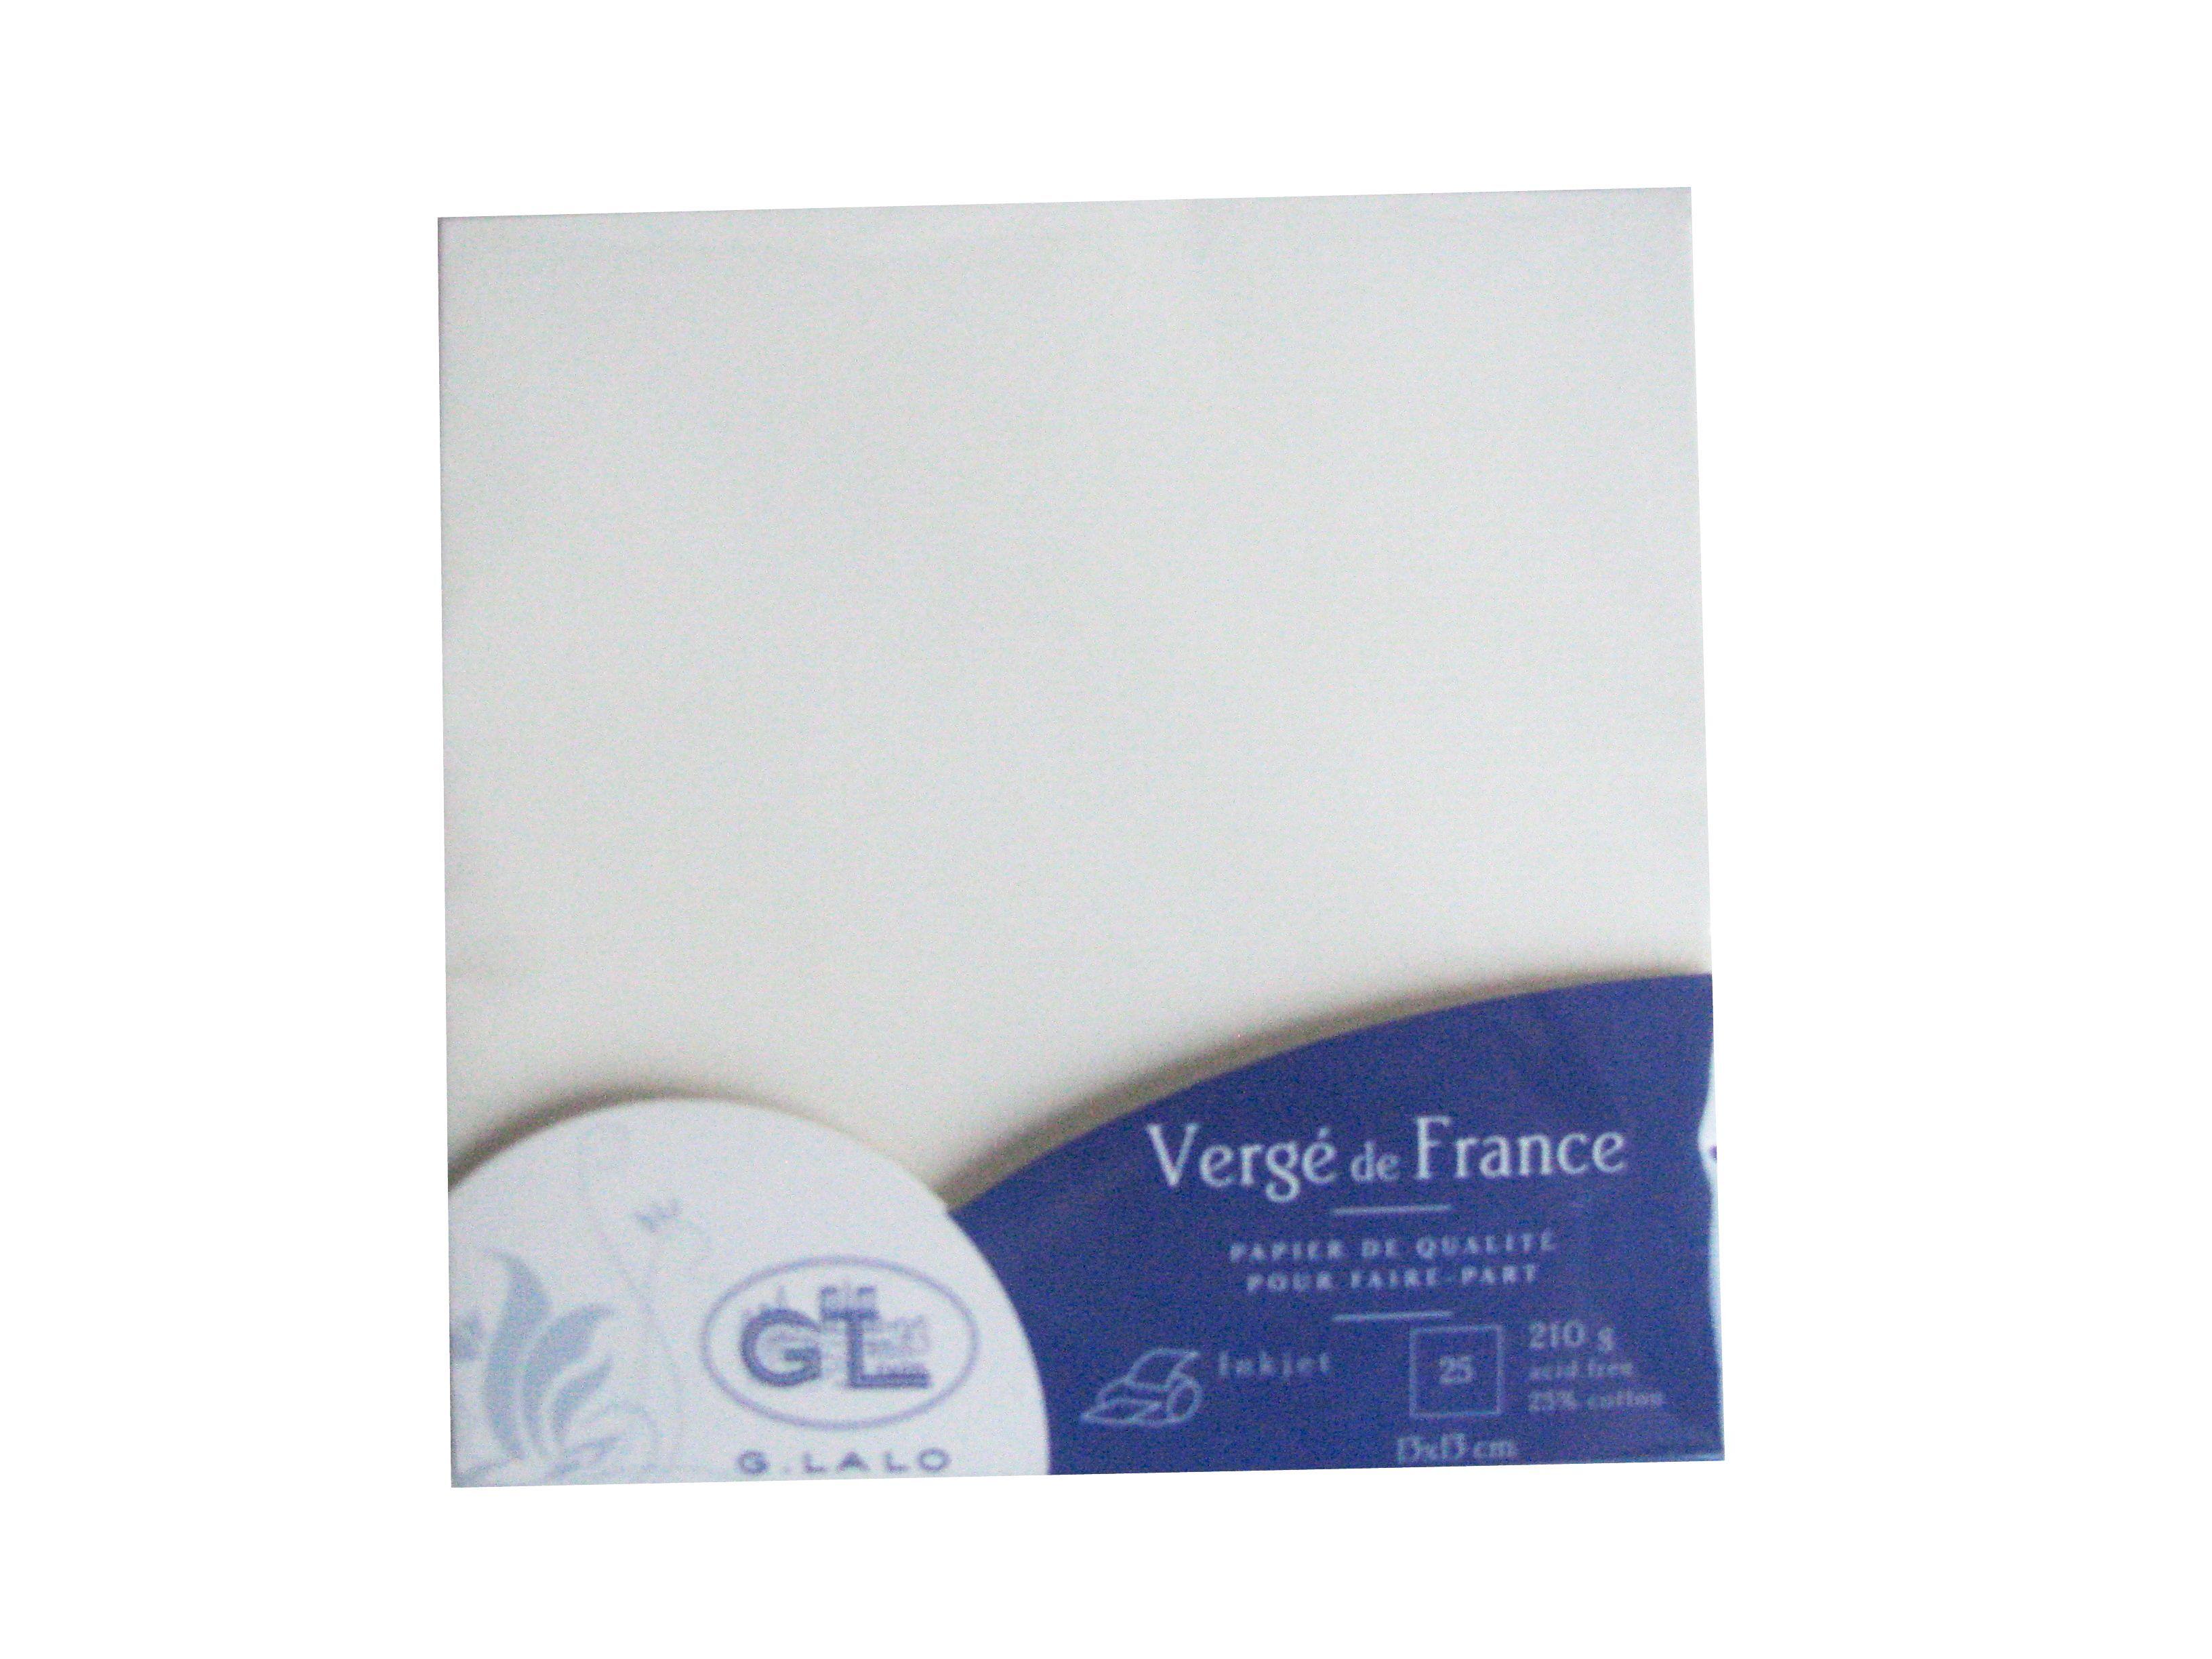 G.LALO 25 Cartes Vergé de France 135x135 mm 210g Blanc